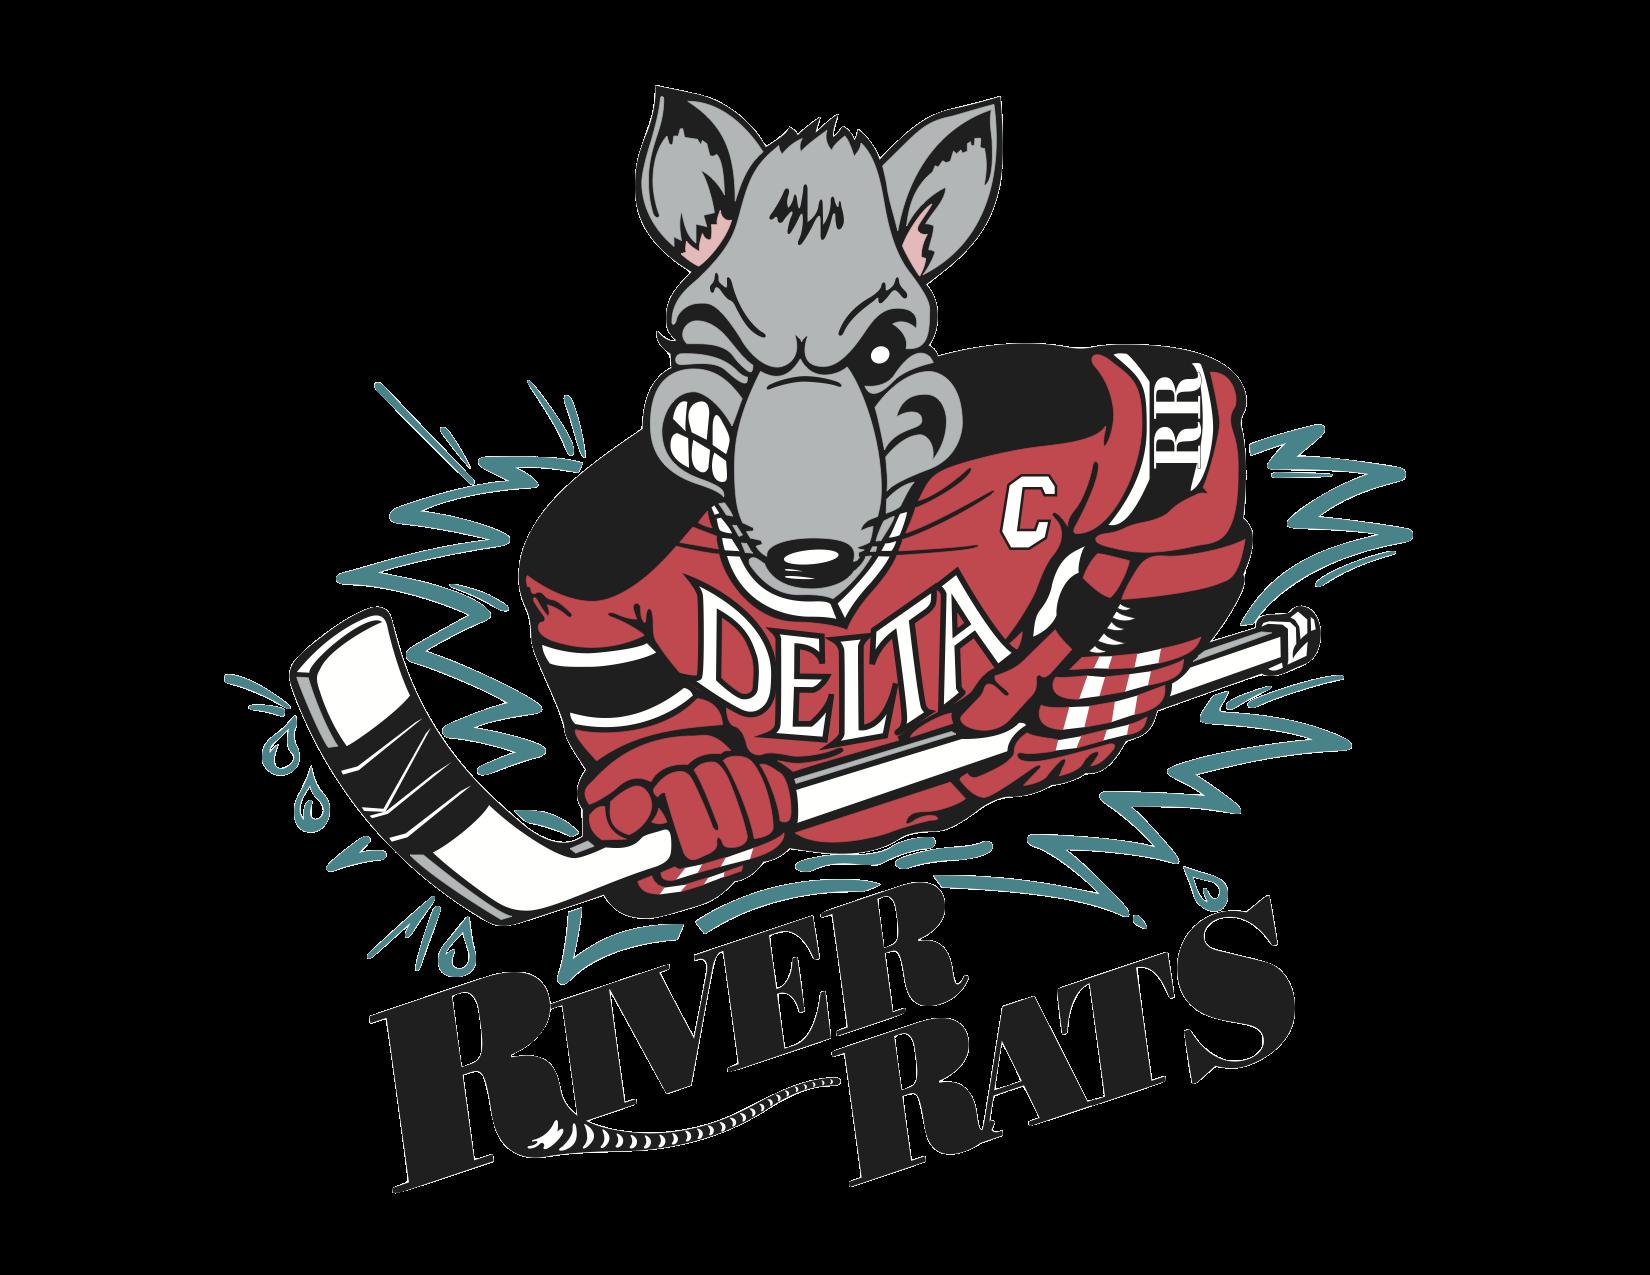 Delta river rats